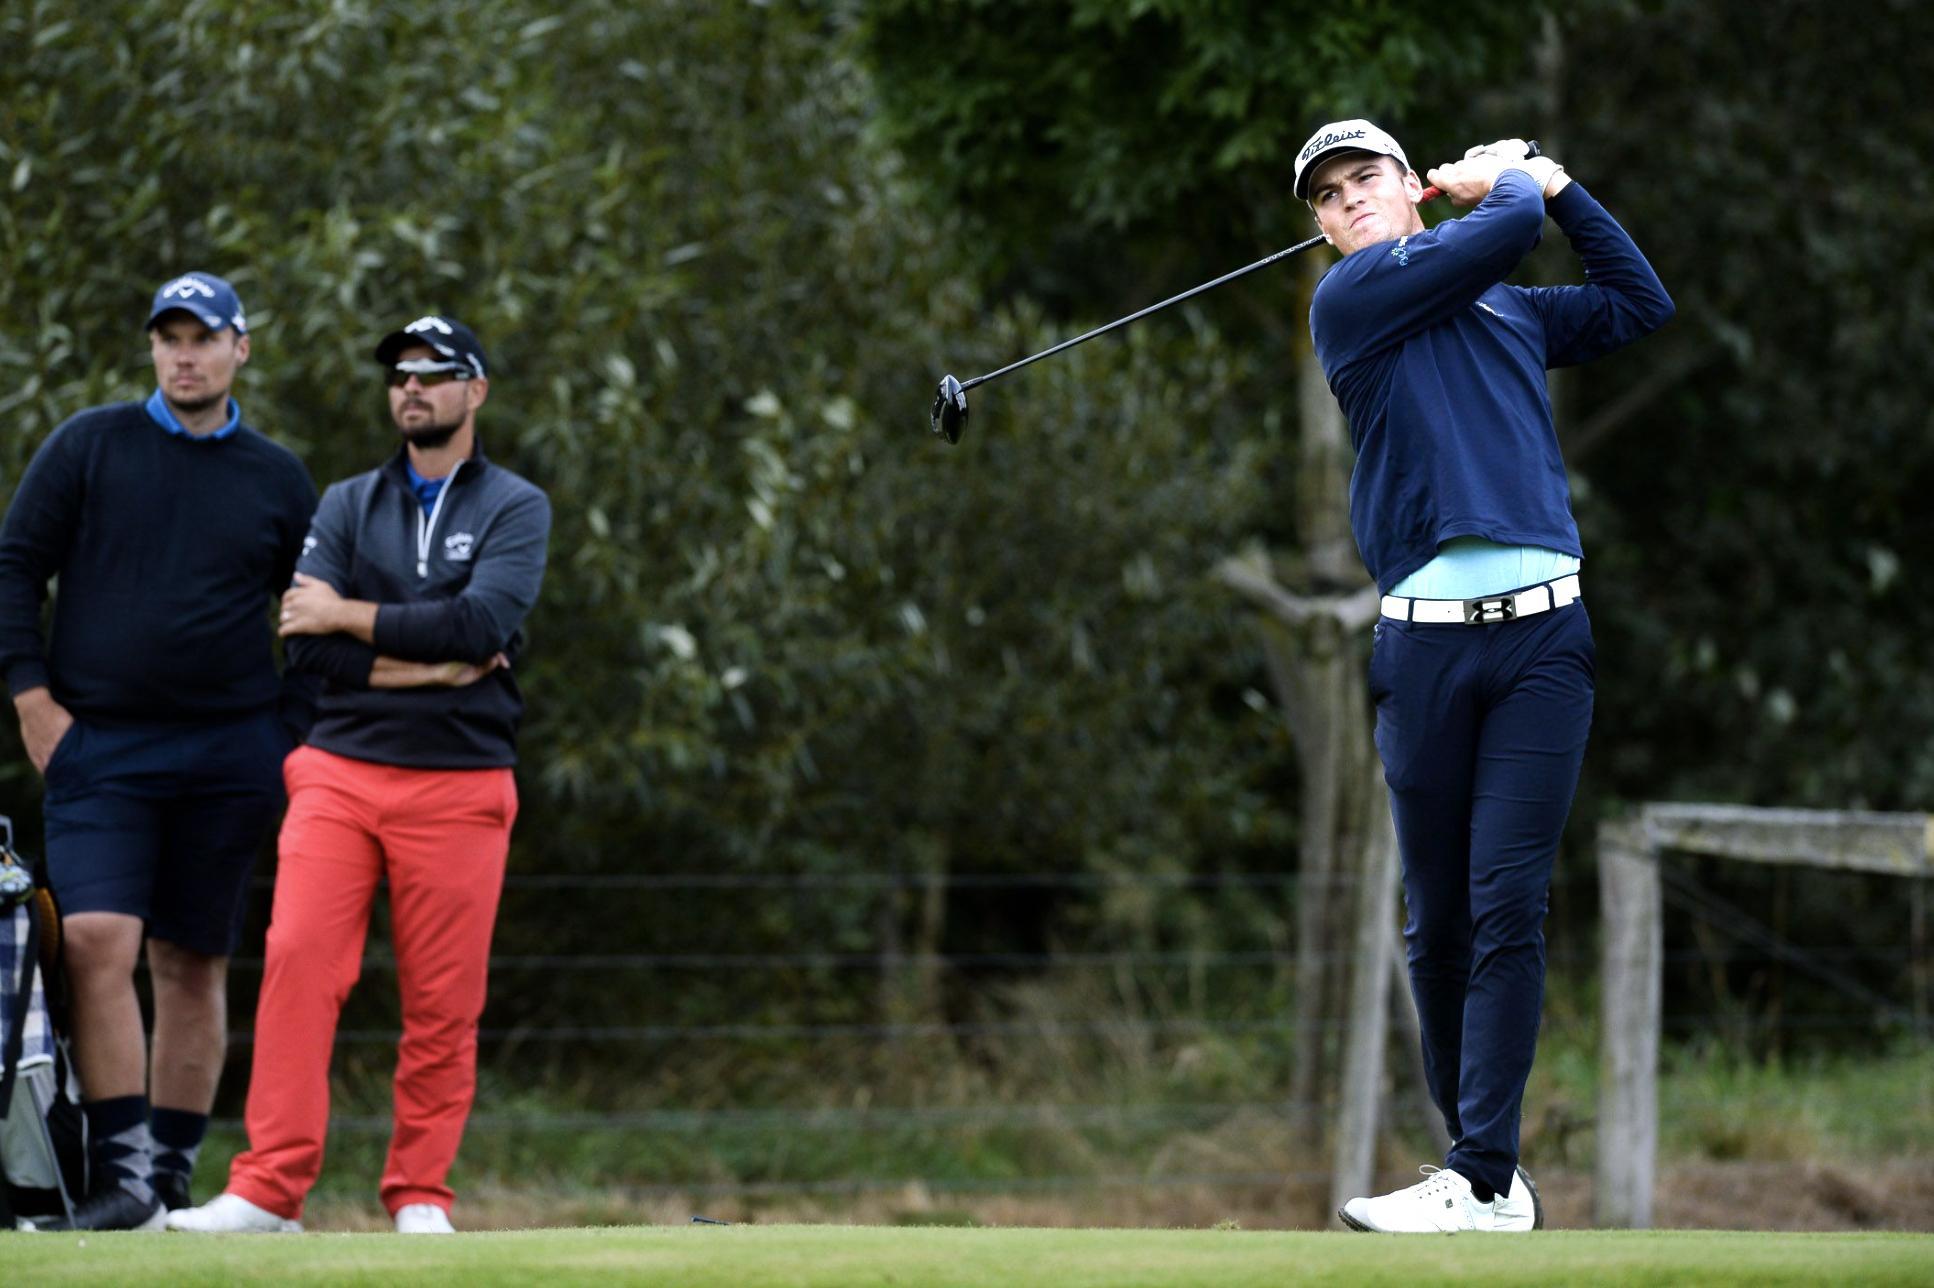 Uitgeester golfer Mike Korver: 'Het is uiteindelijk mijn droom én mijn doel om naar Verenigde Staten te gaan'